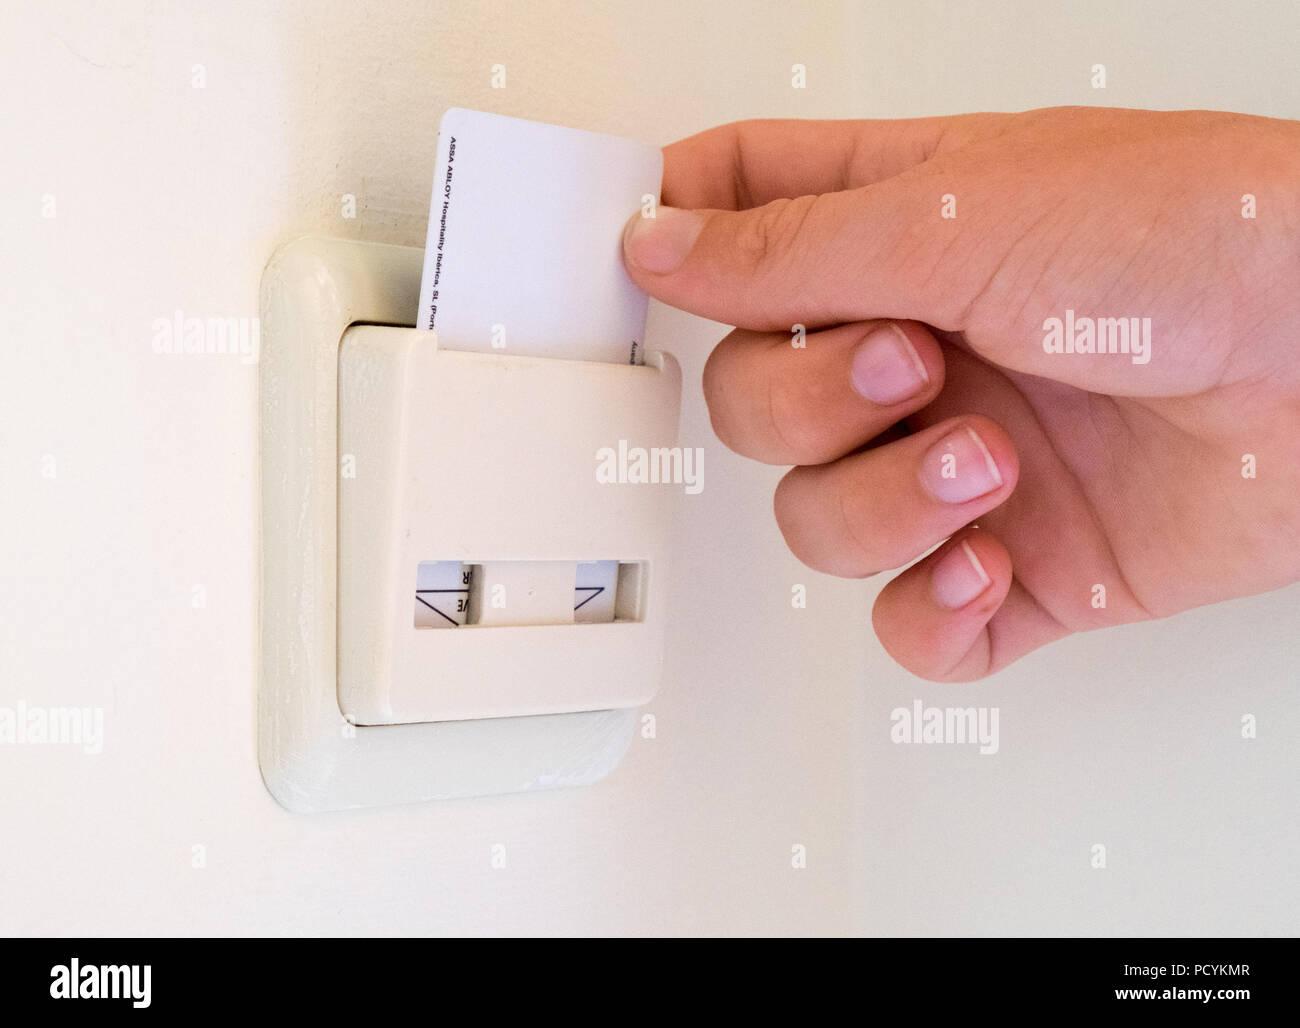 Tarjeta llave de hotel situado en una habitación para encender la alimentación Imagen De Stock